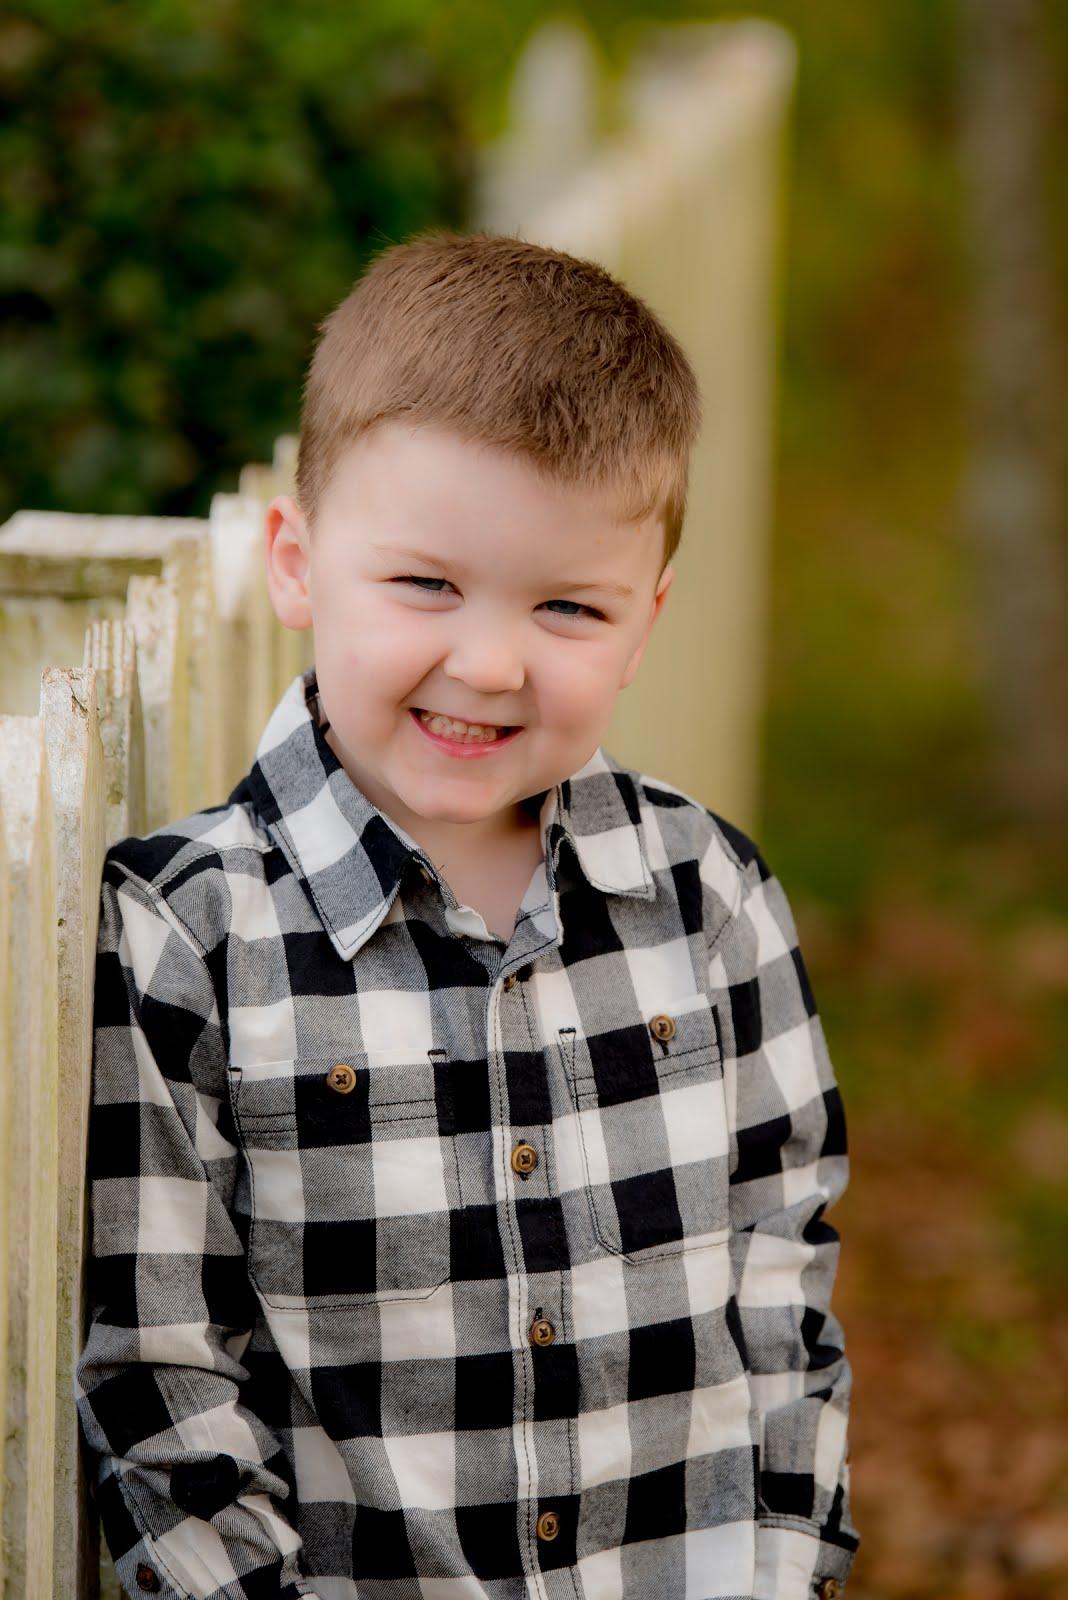 My Grandson, Gabriel